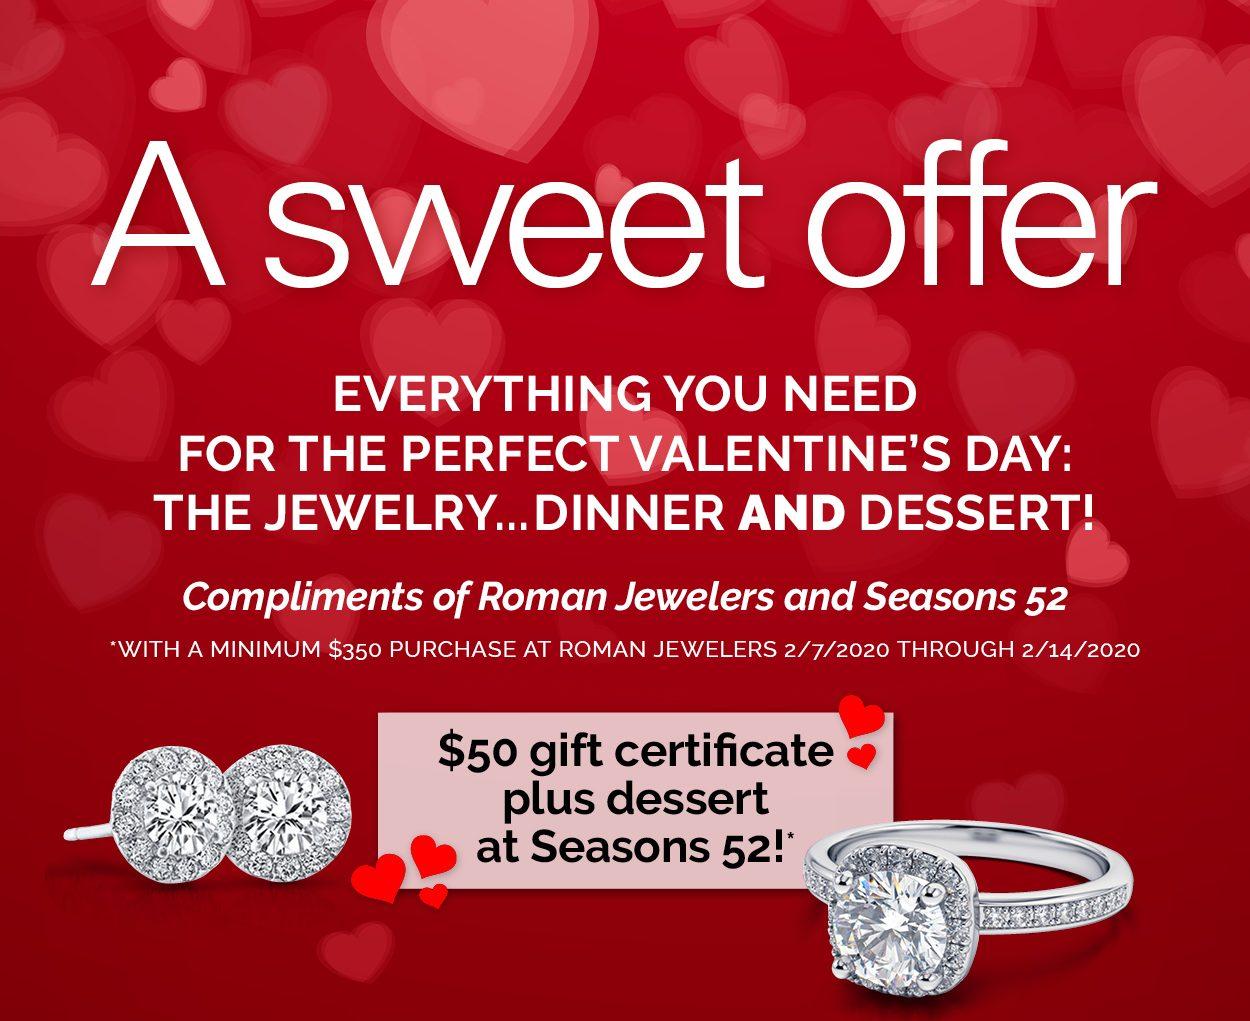 A Sweet Offer